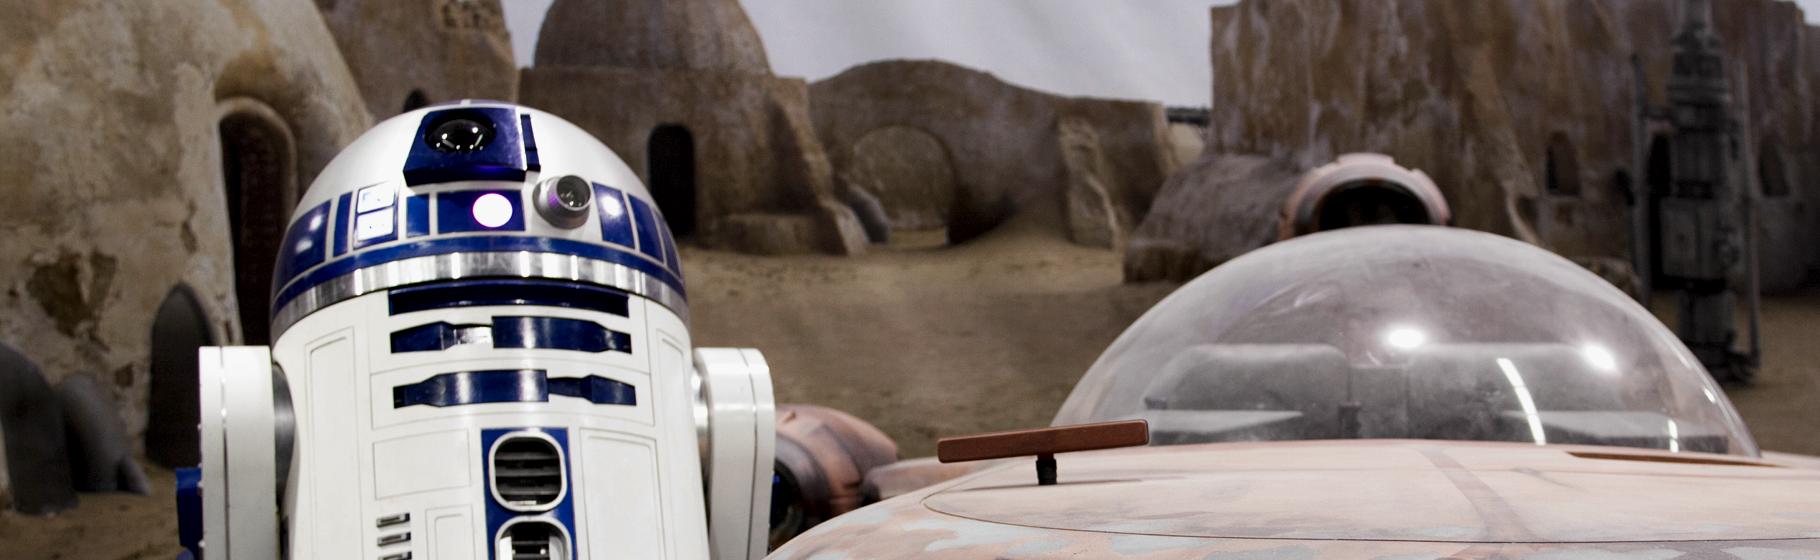 Contentmarketing met Star Wars